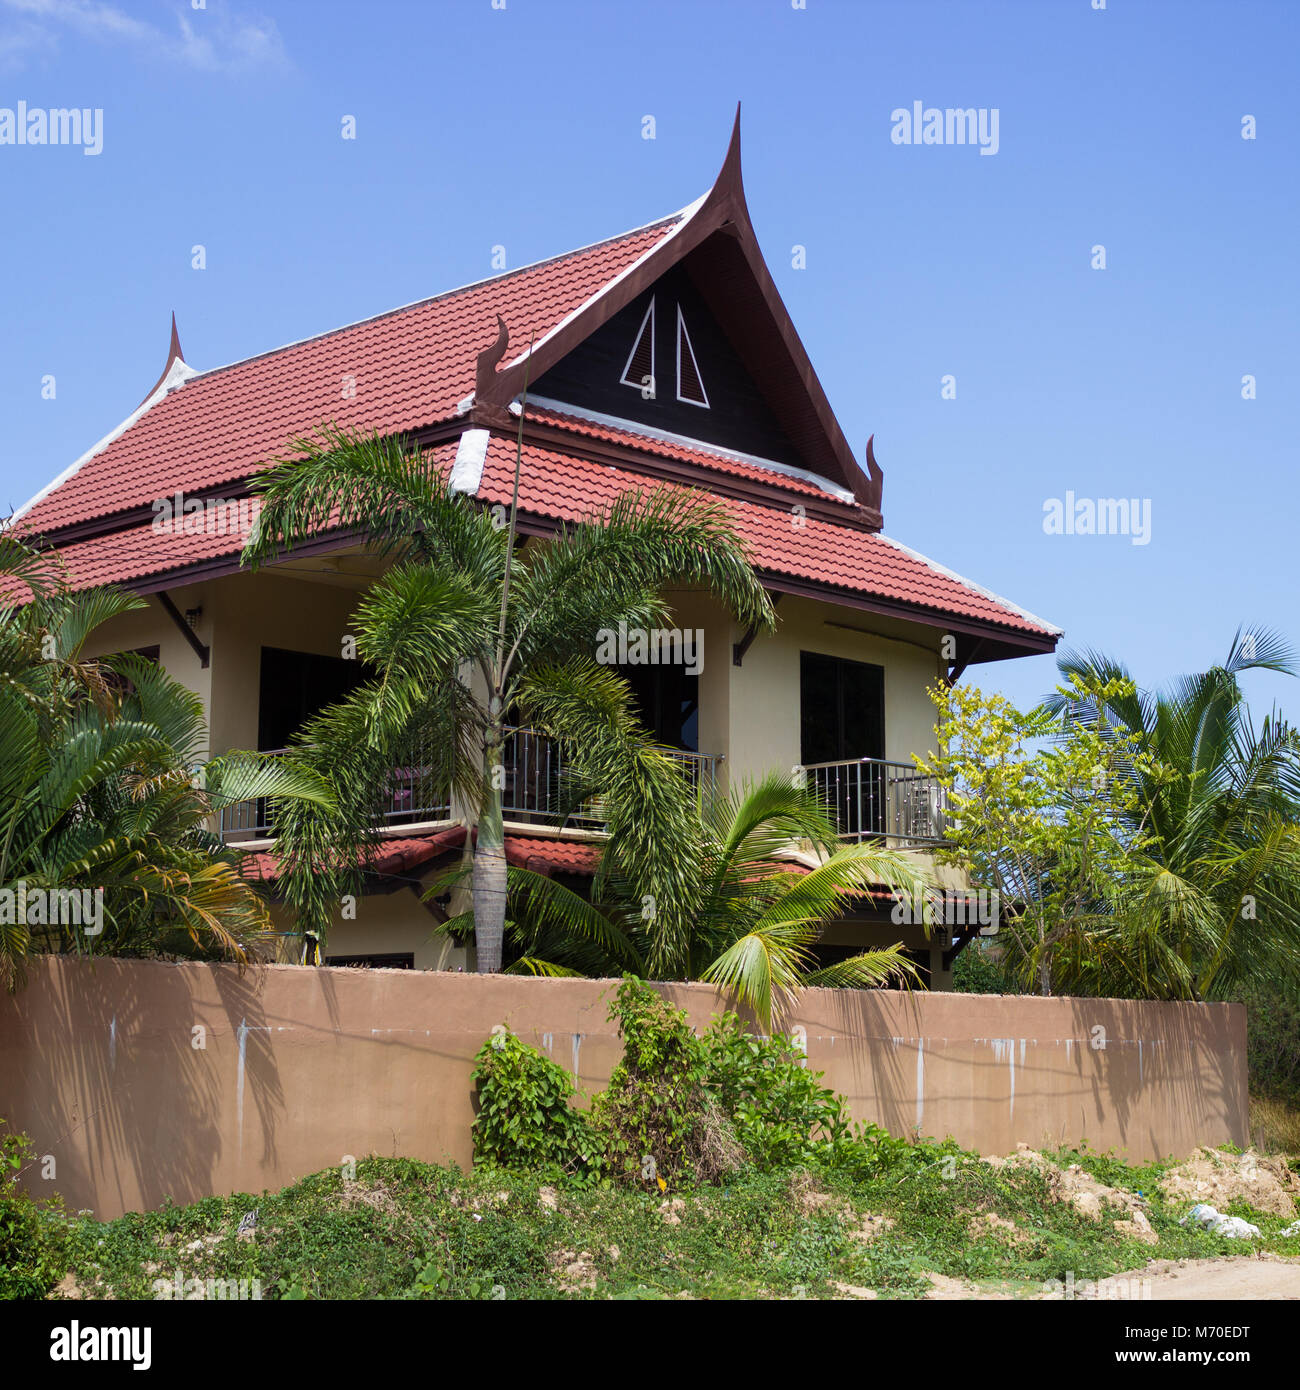 Pocas casas tailandesas y palmeras. Tailandia Foto de stock